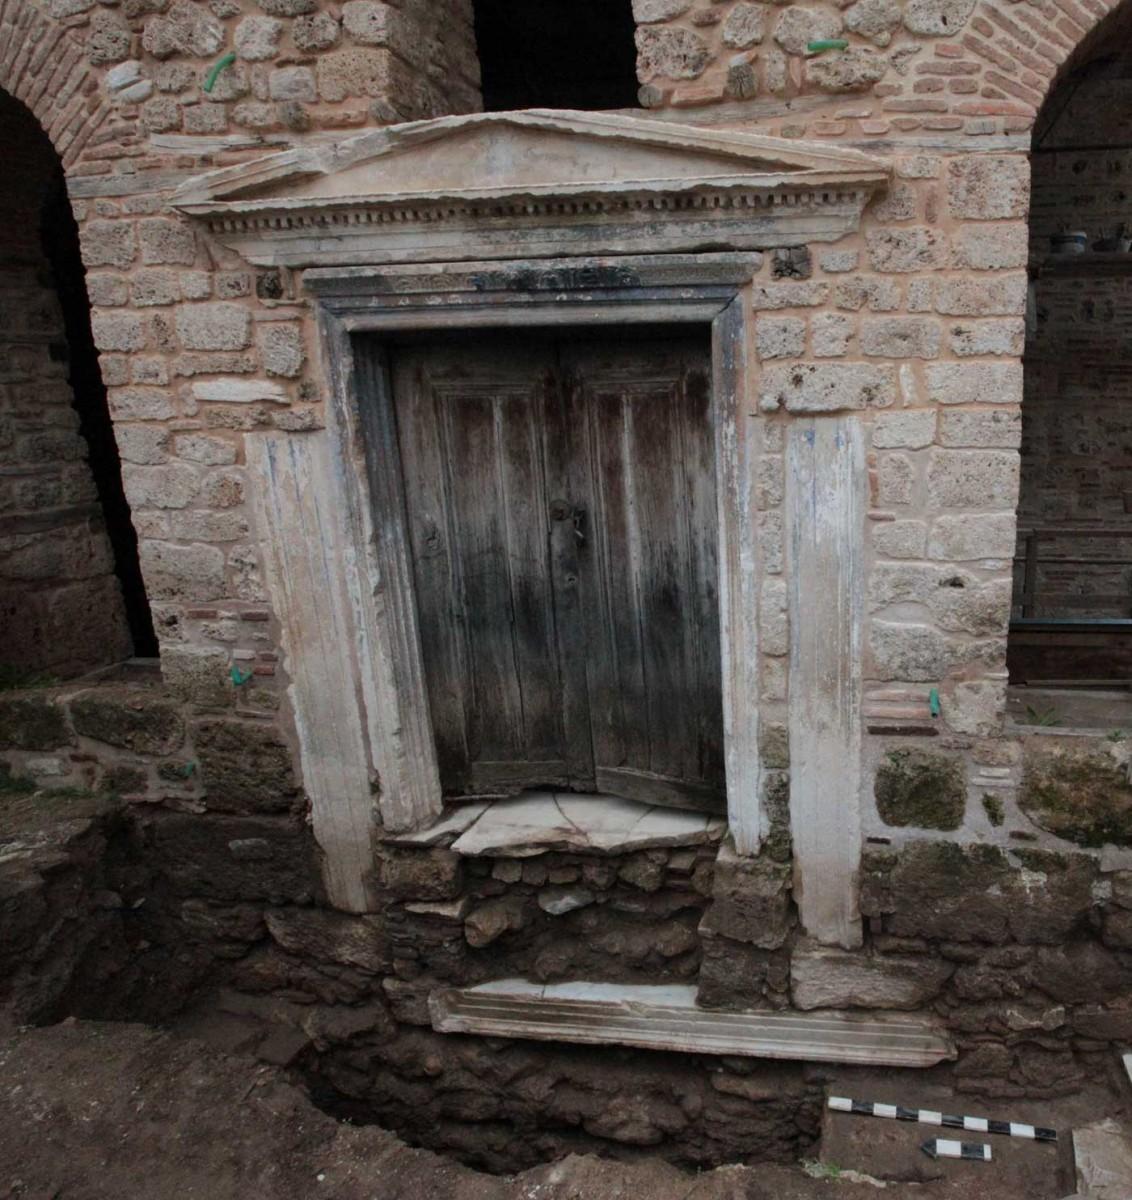 Η παλίμψηστη όψη της εισόδου του νάρθηκα της παλιάς Μητρόπολης στη Βέροια (φωτ. Εφορεία Αρχαιοτήτων Ημαθίας).